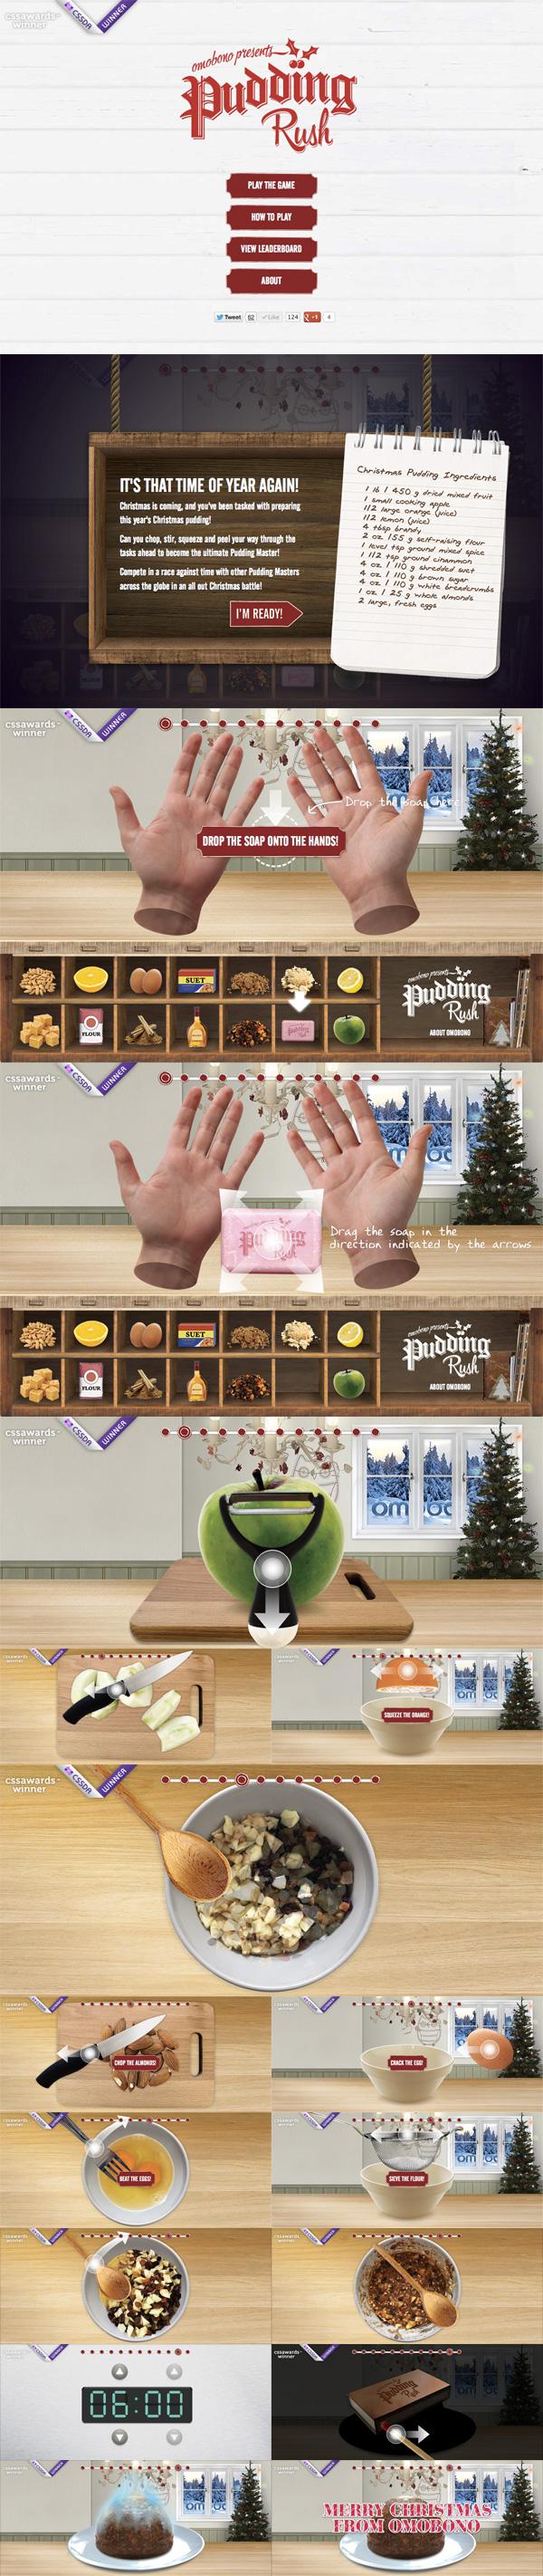 Pudding Rush Website Screenshot